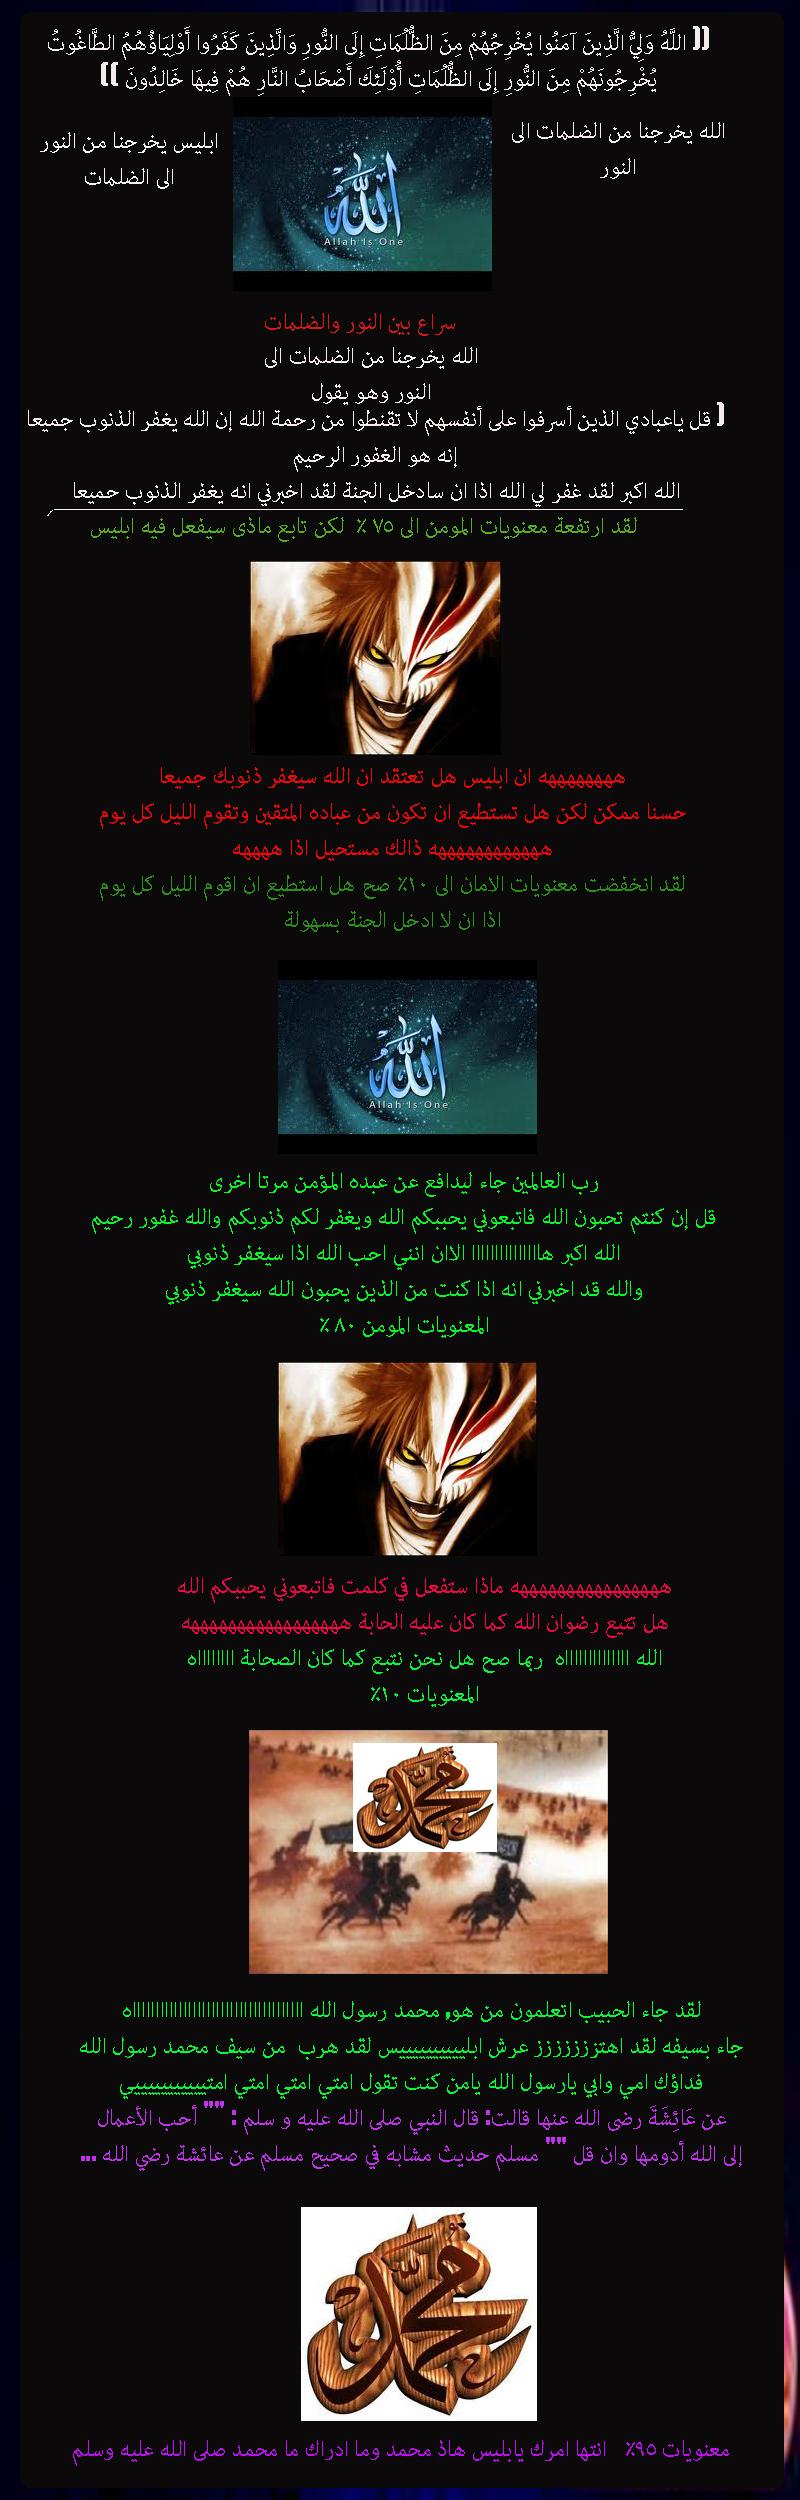 سراع بين النور والضلمات Karom.net13371294921